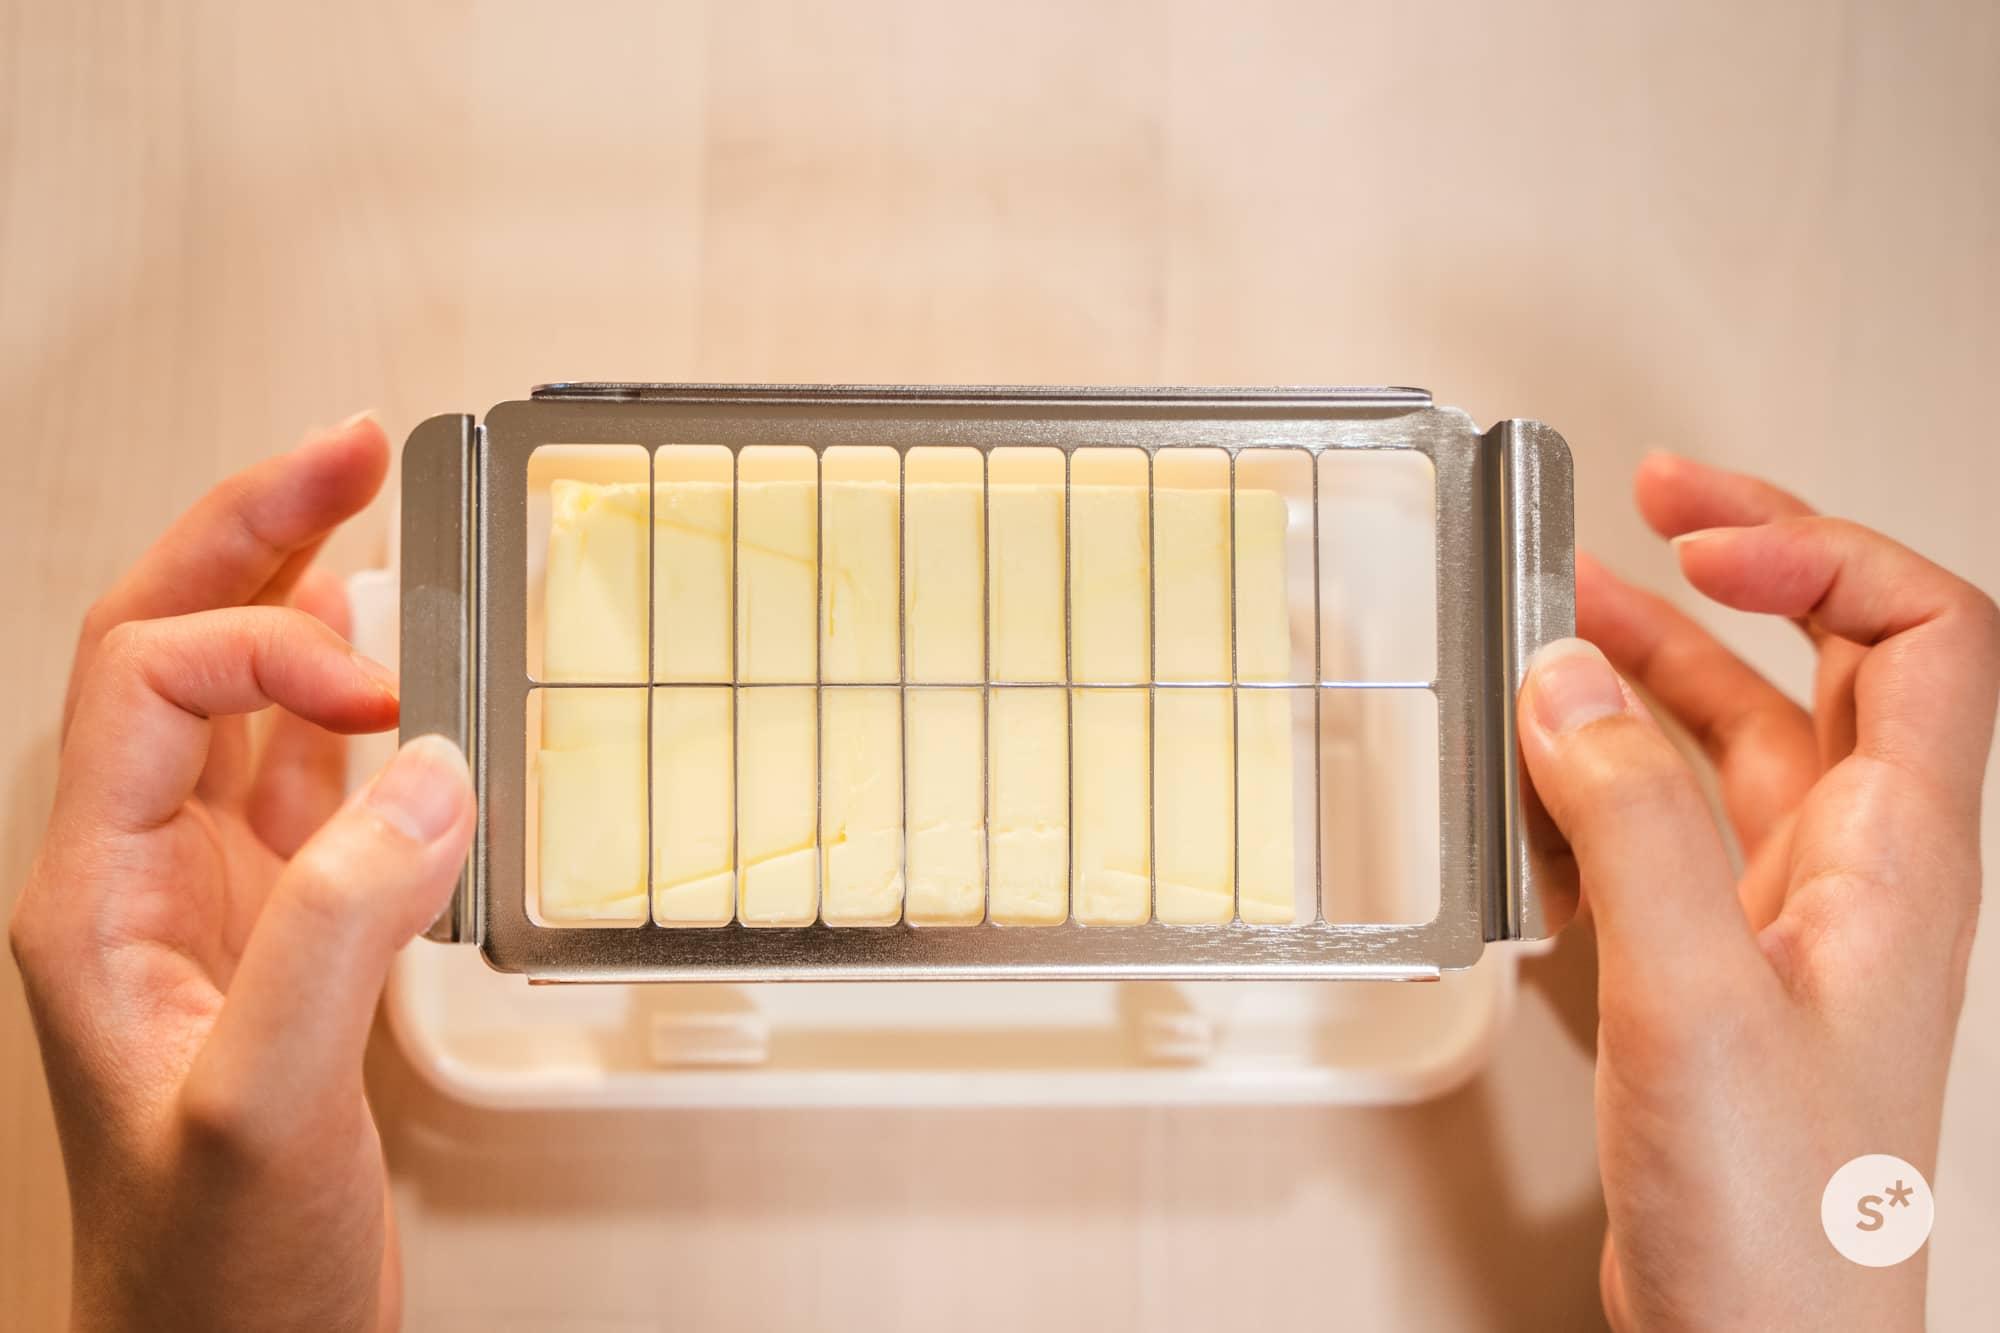 使いかけのバターですみません。右側が足りてないですね。